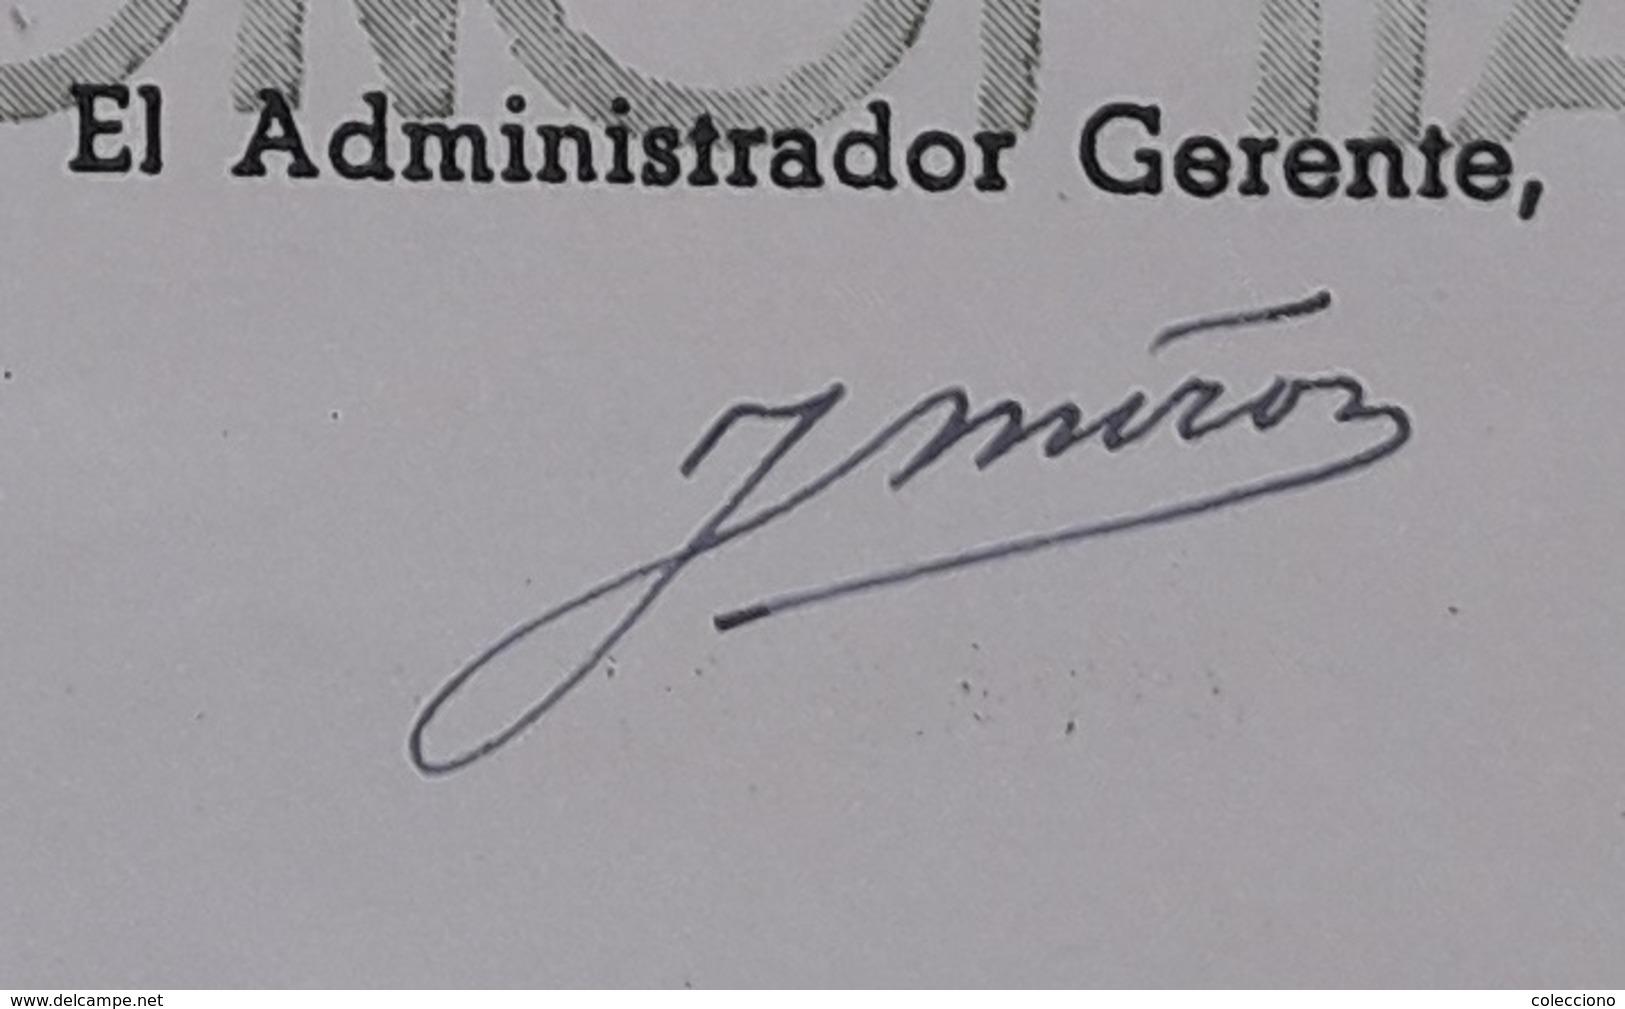 ACCIÓN RENFE: JUAN MIRÓ (1949) - Shareholdings